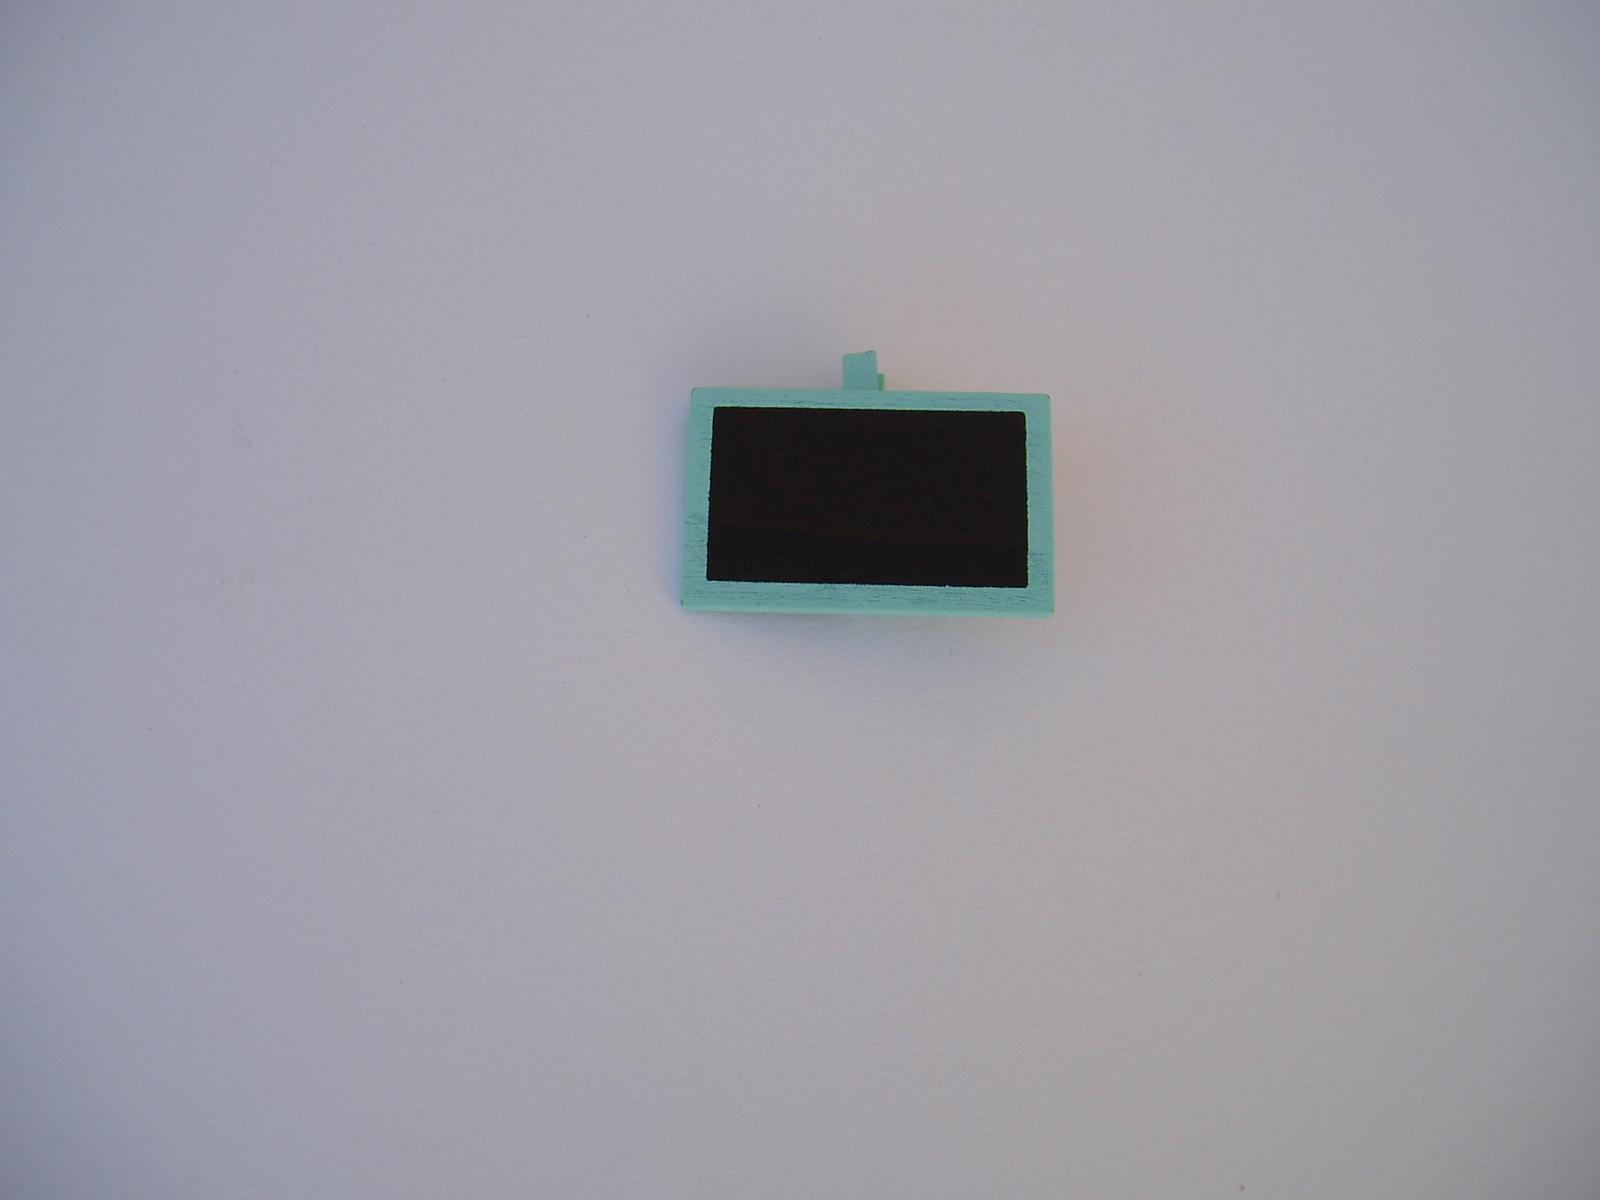 kolíček s tabulkou-tyrkysový - Obrázek č. 1